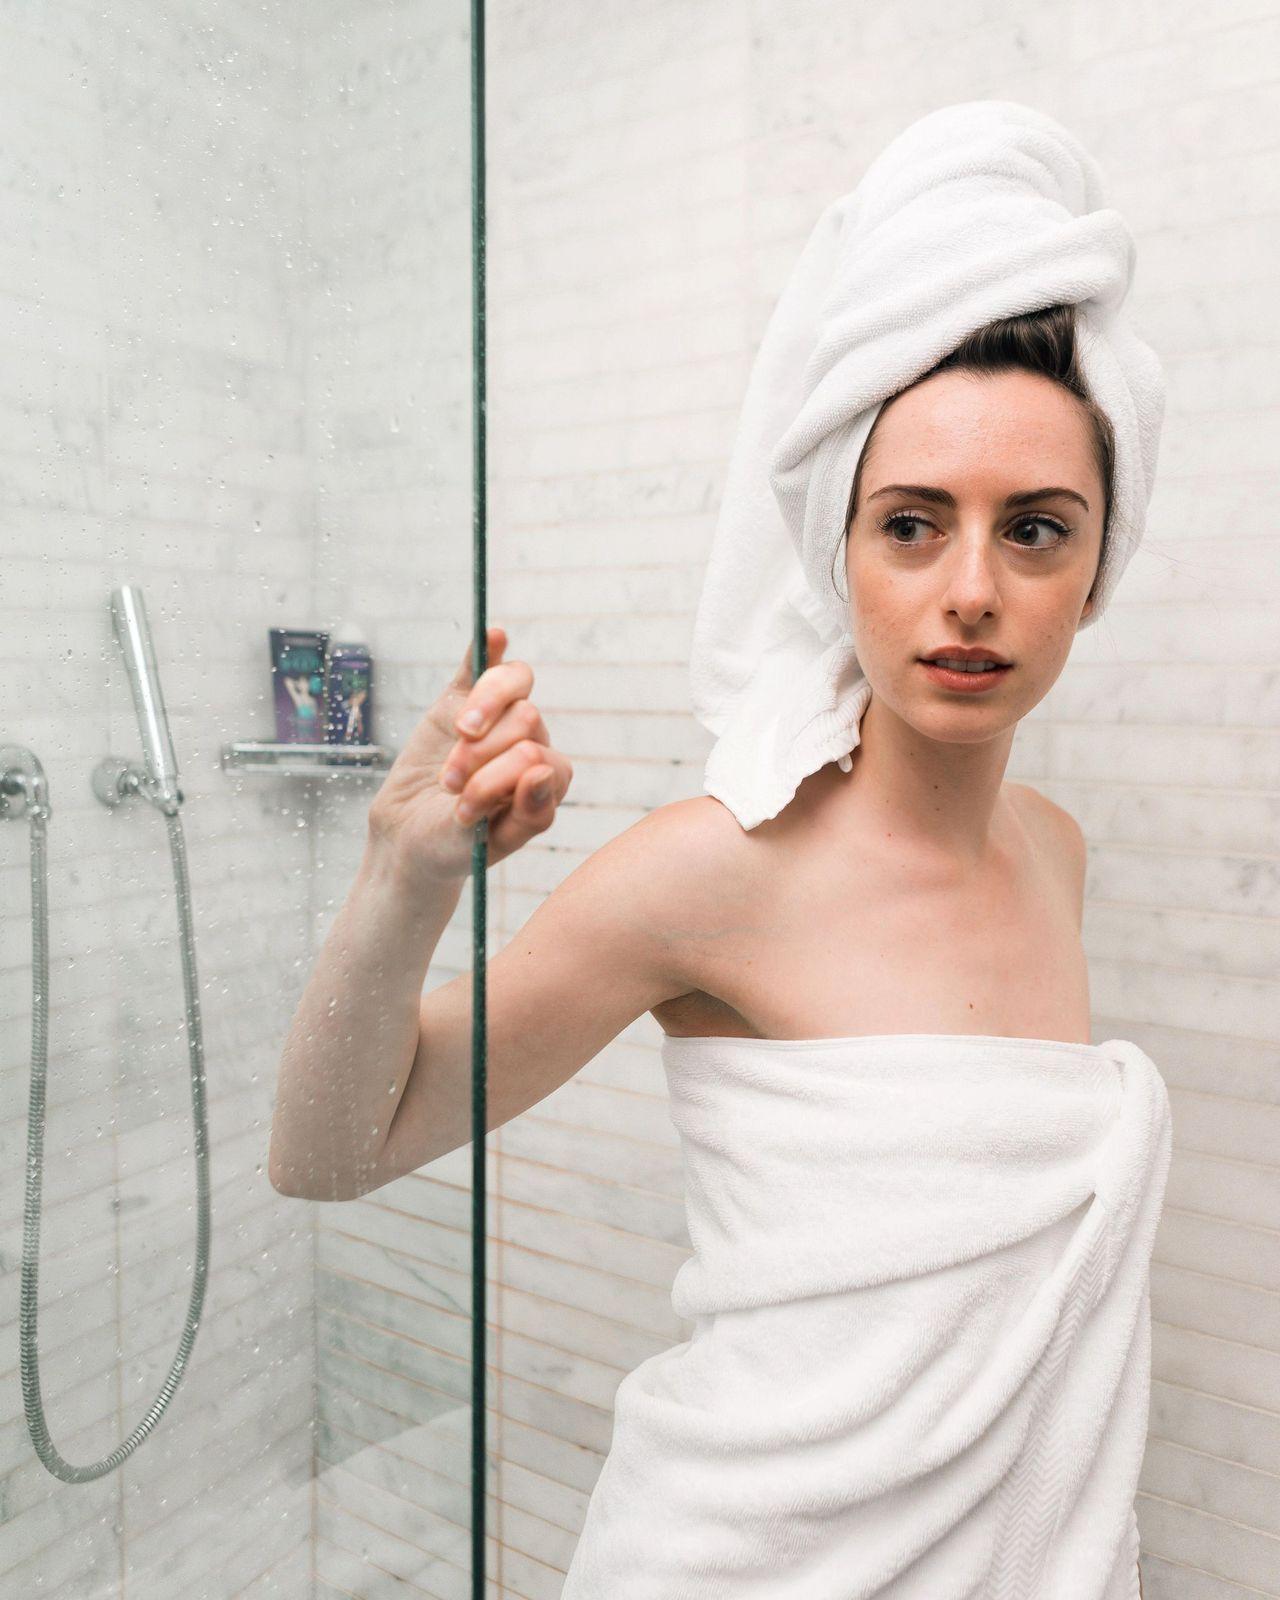 il vaut mieux se doucher le soir